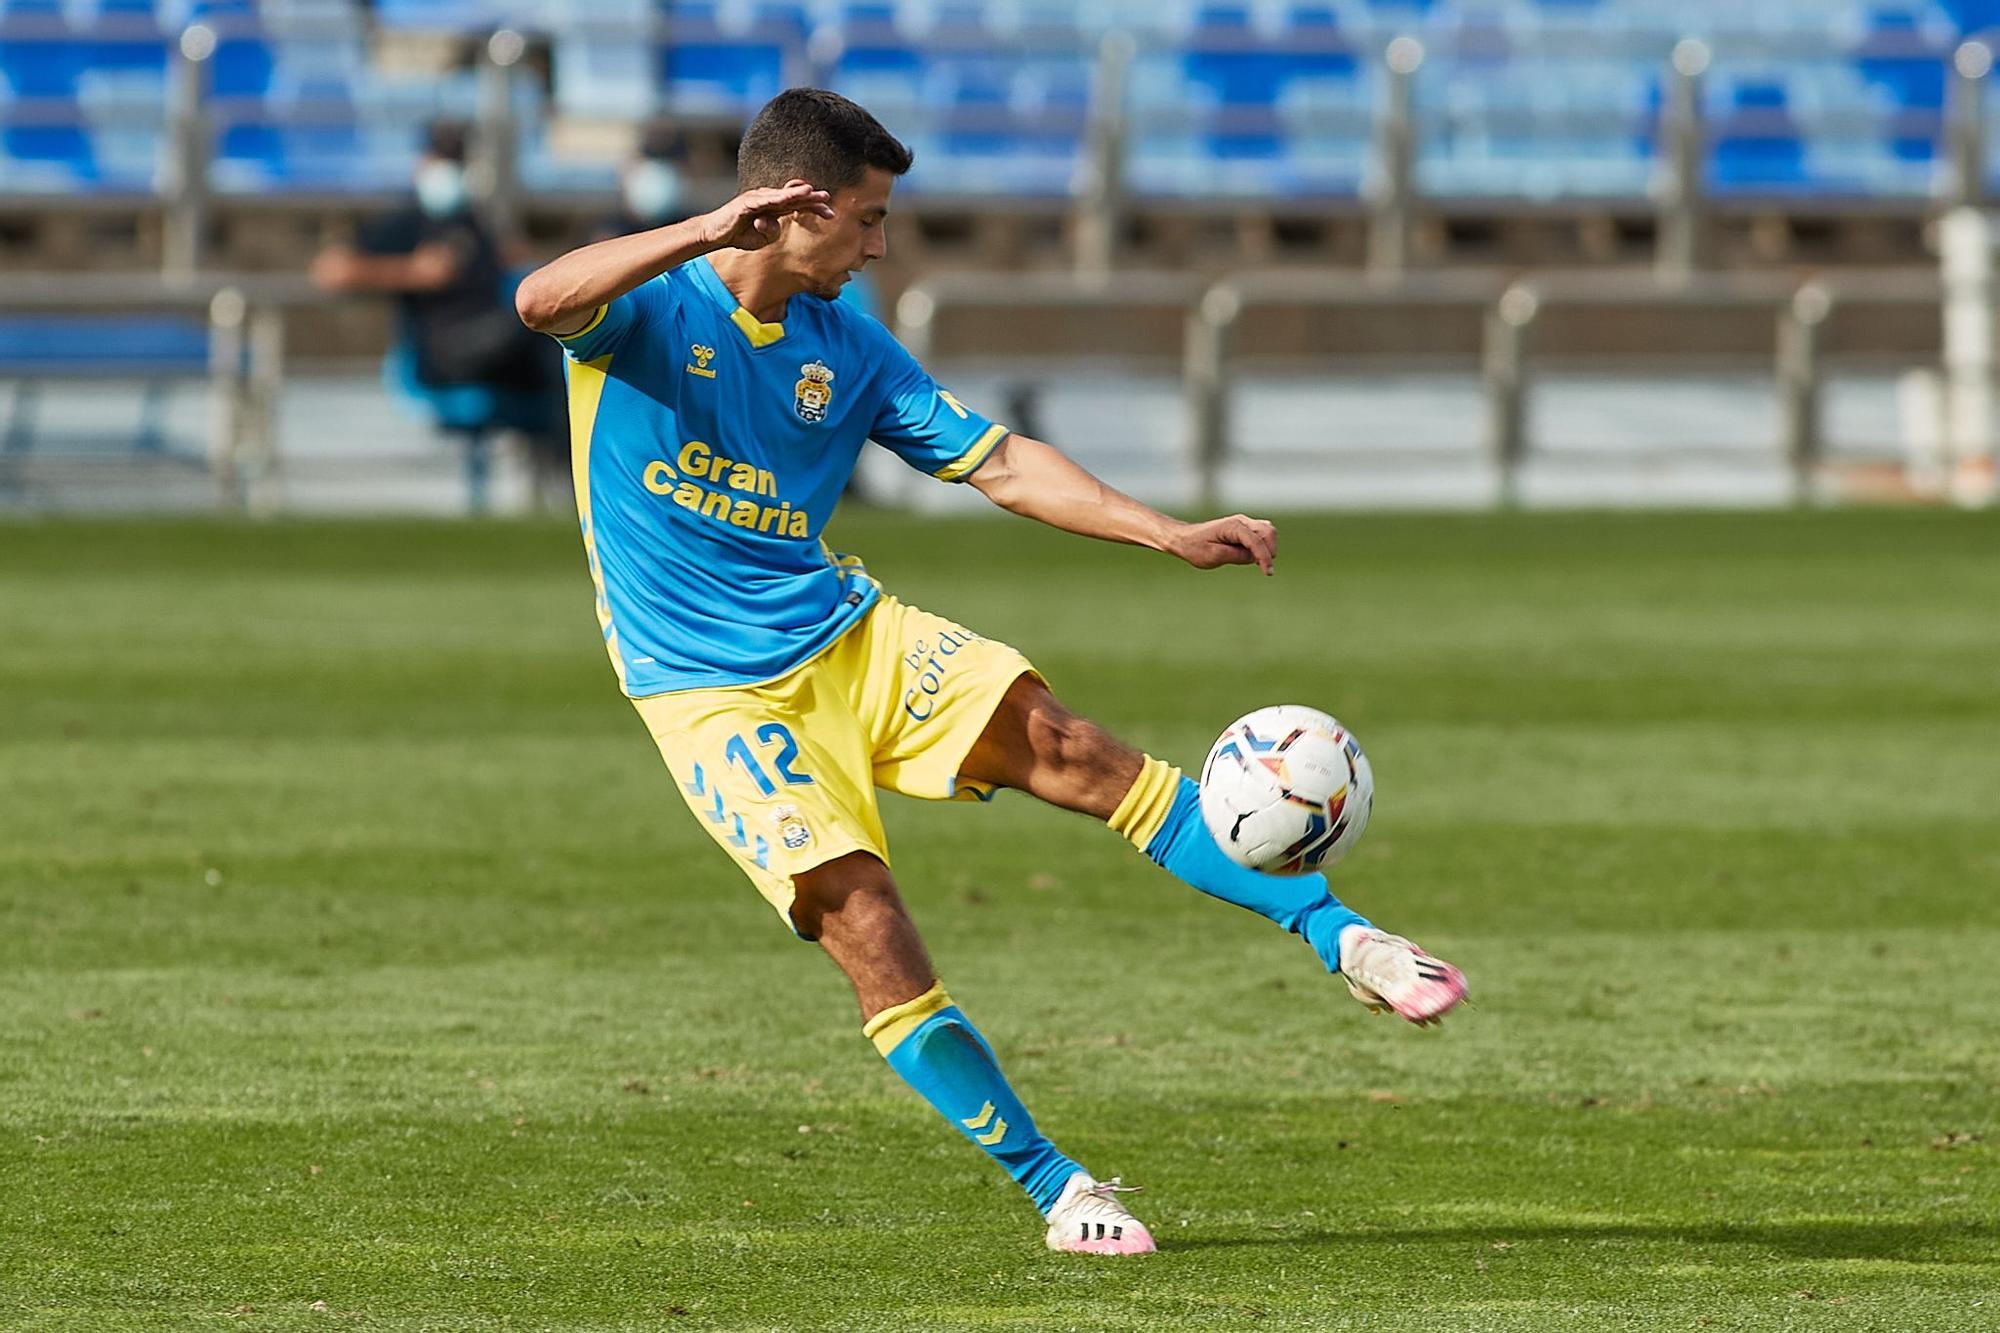 Imágenes del Real Zaragoza - UD Las Palmas